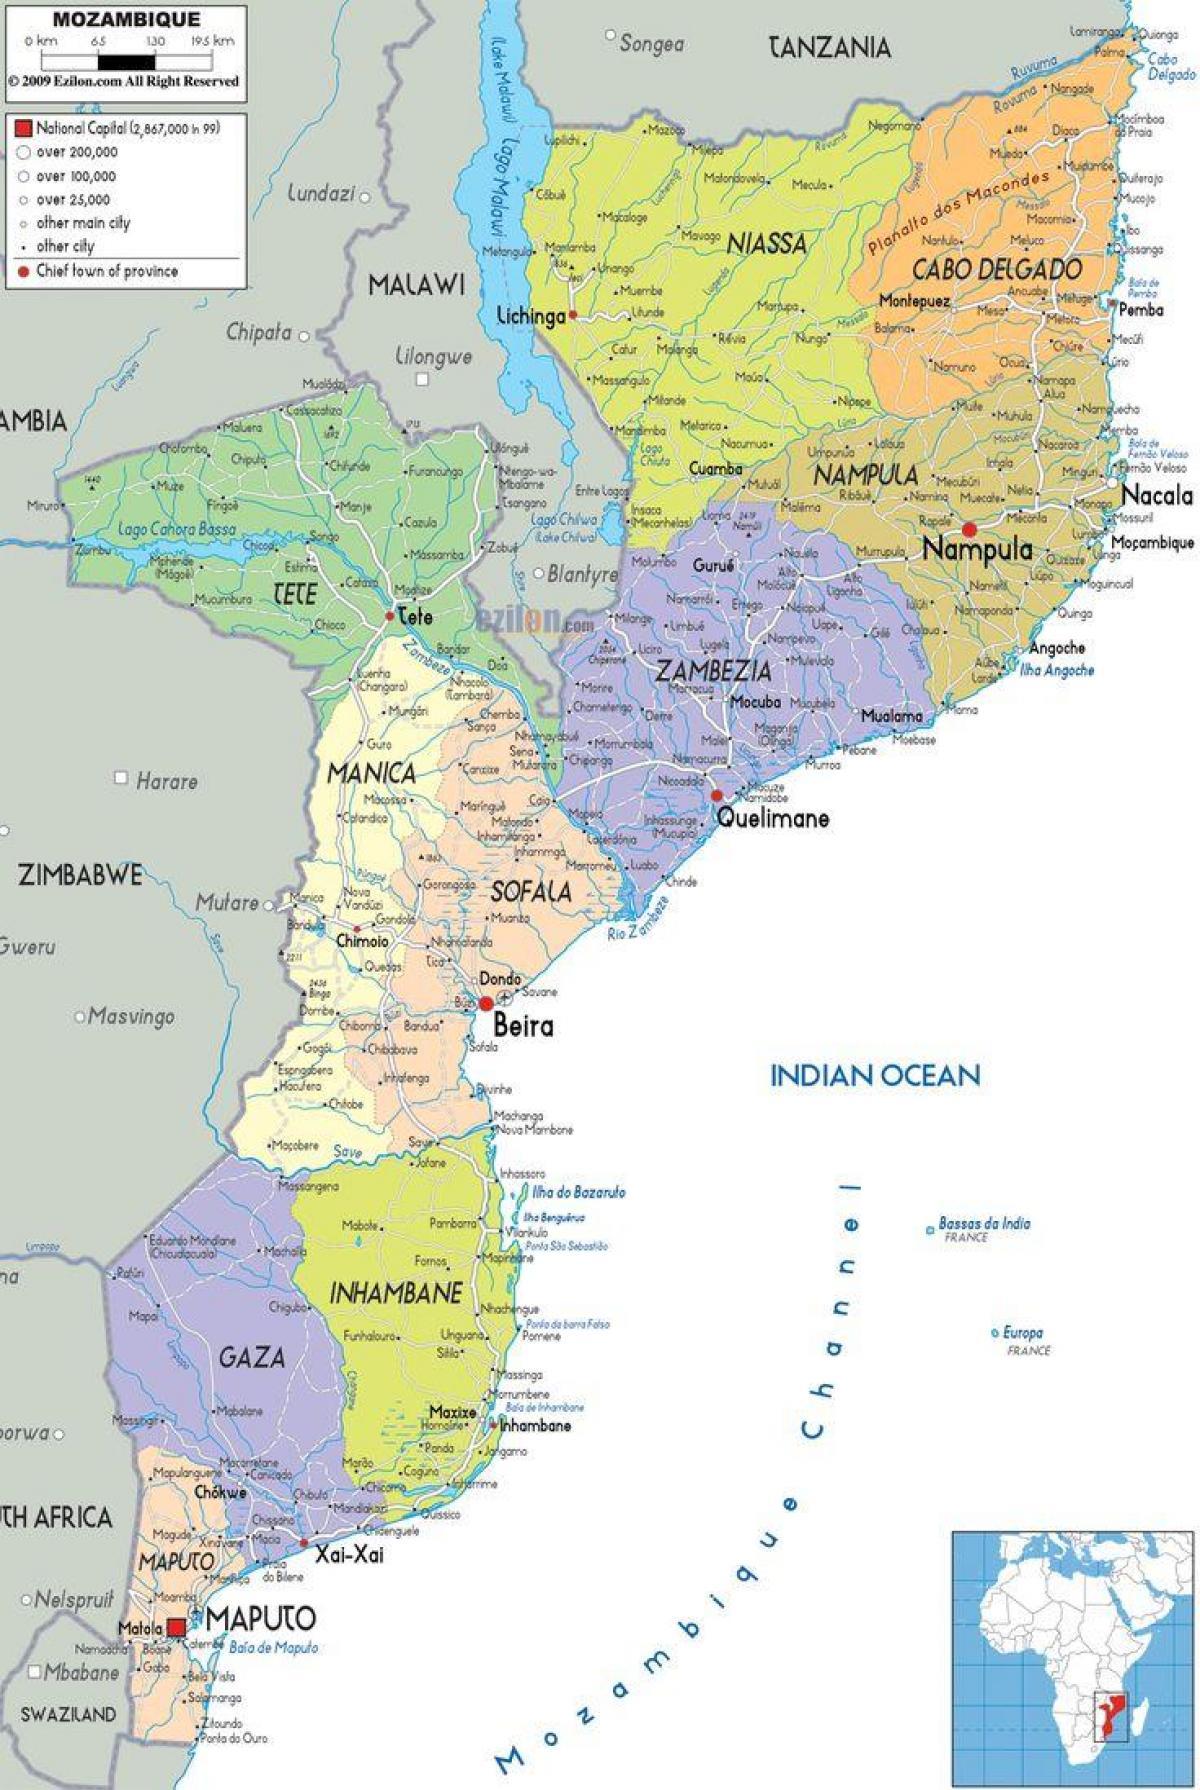 Mozambique Strande Kort Kort Over Mozambique Strande Ostlige